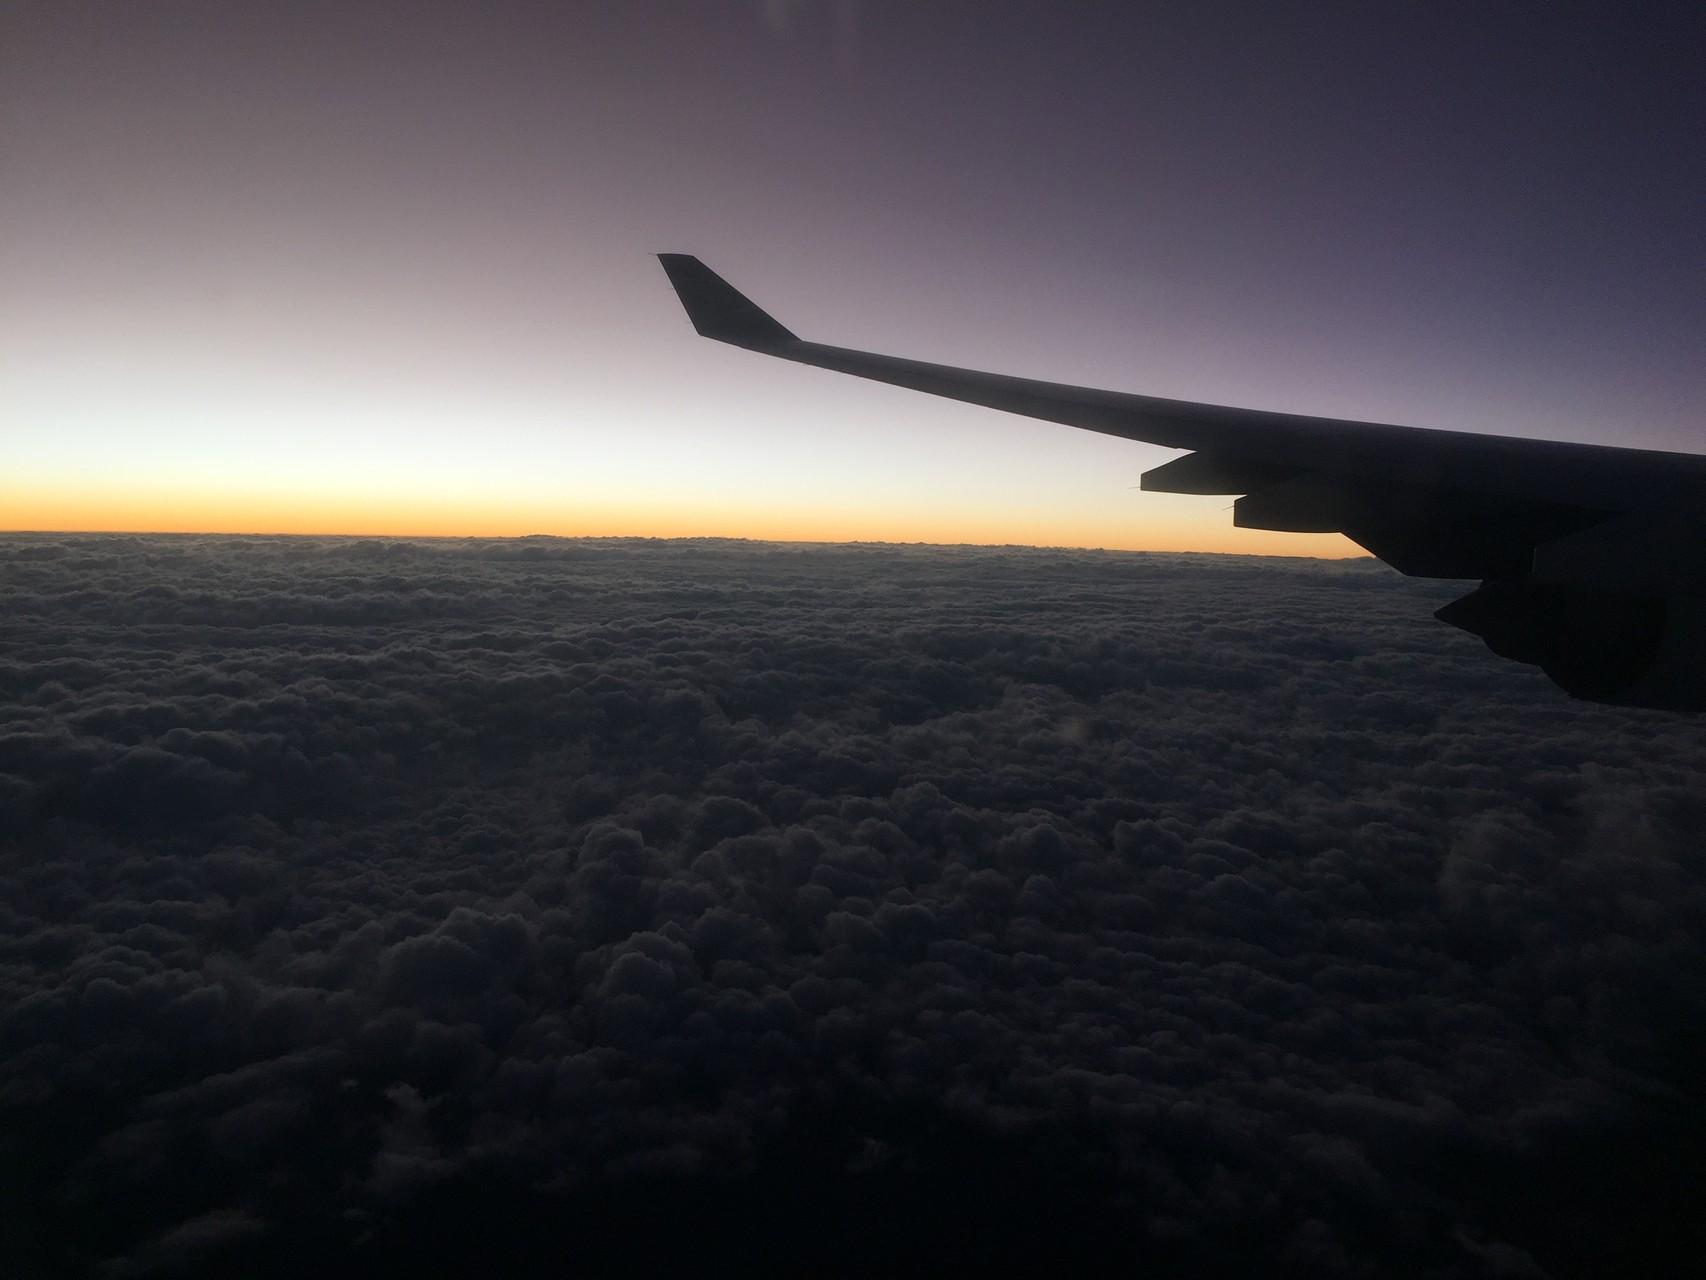 2. Tag - Nach einem schönen Flug ab Frankfurt und einer guten Landung in Johannesburg...